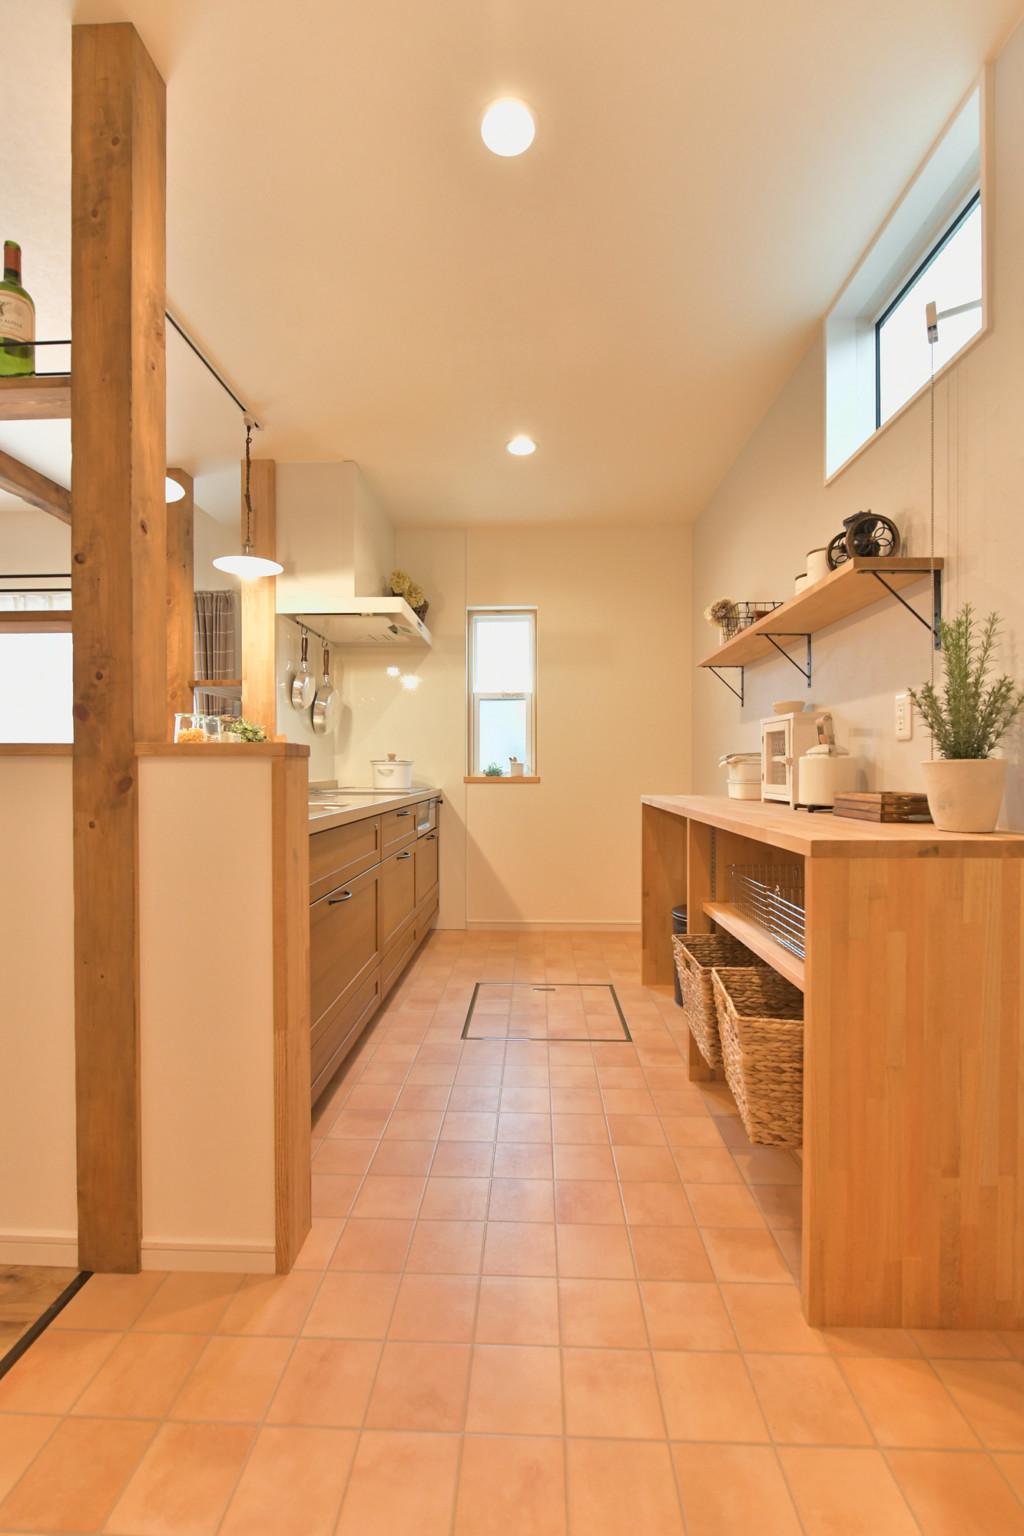 浜松市の工務店のエコーアートが建てたナチュラルかわいい家のキッチン縦写真